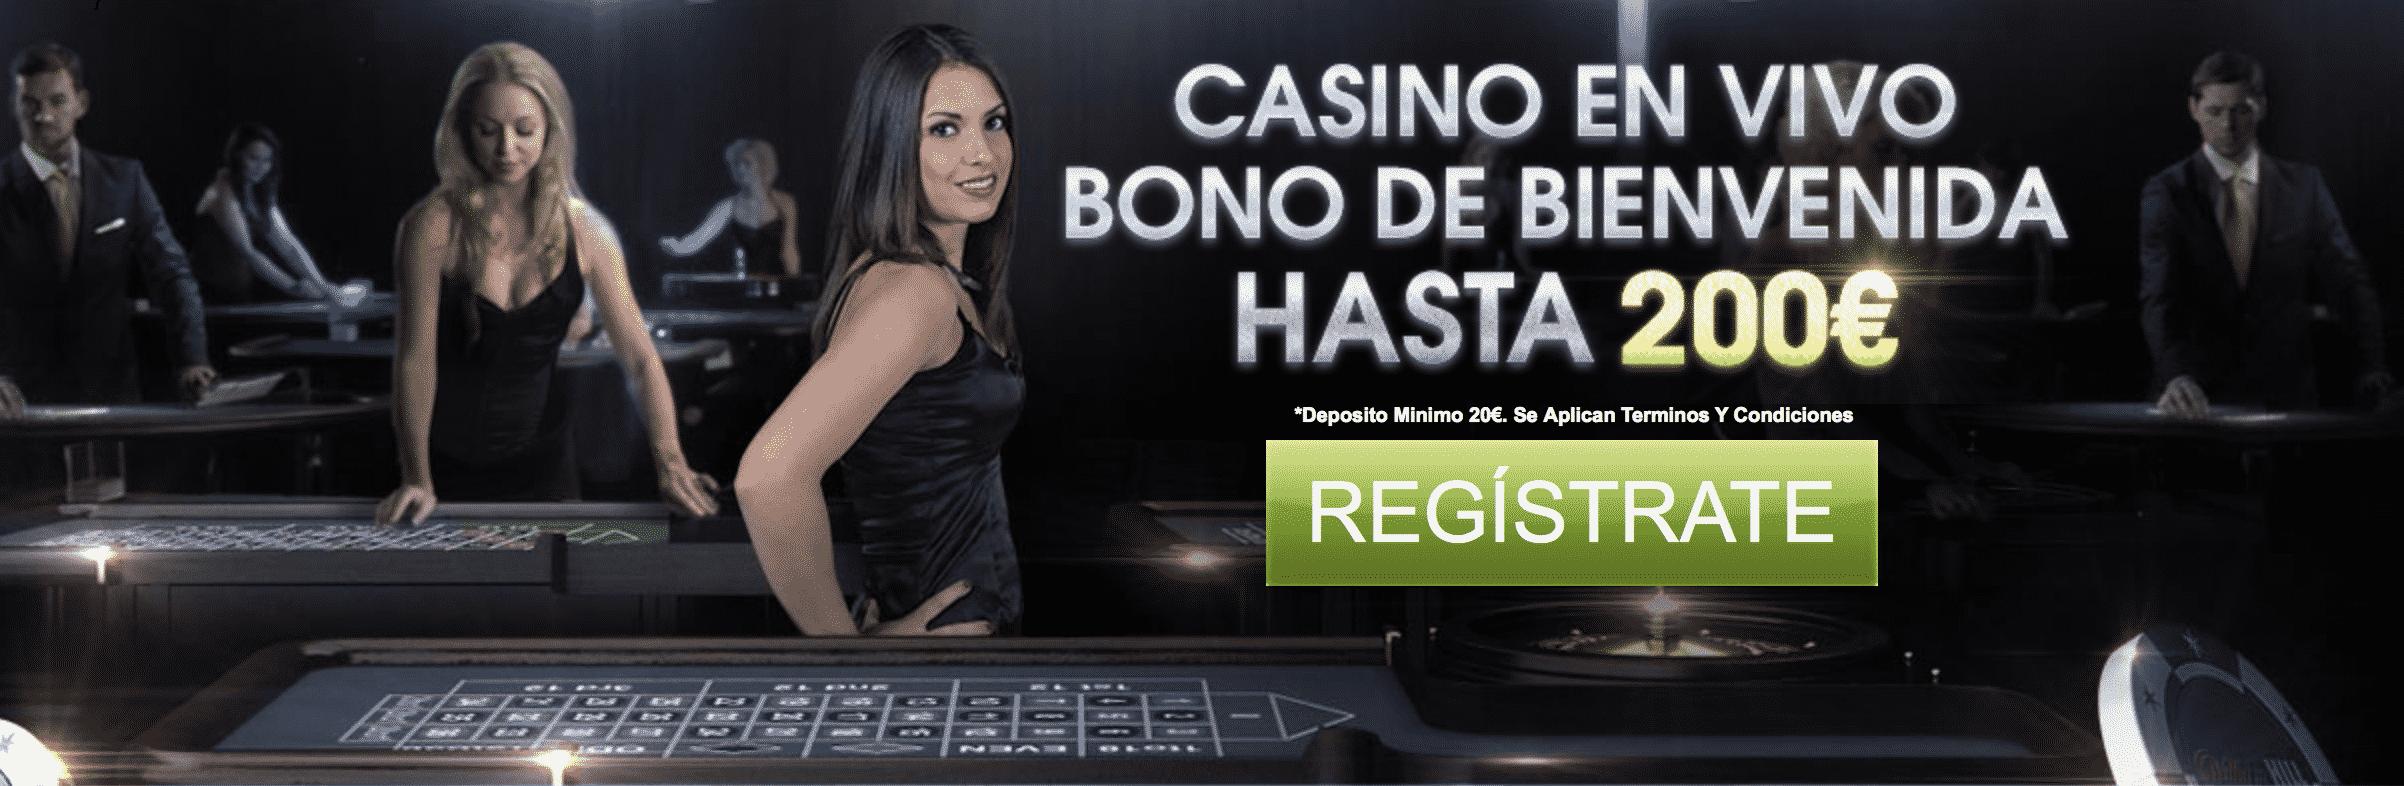 William hill live casino online Valencia bono sin deposito-459176